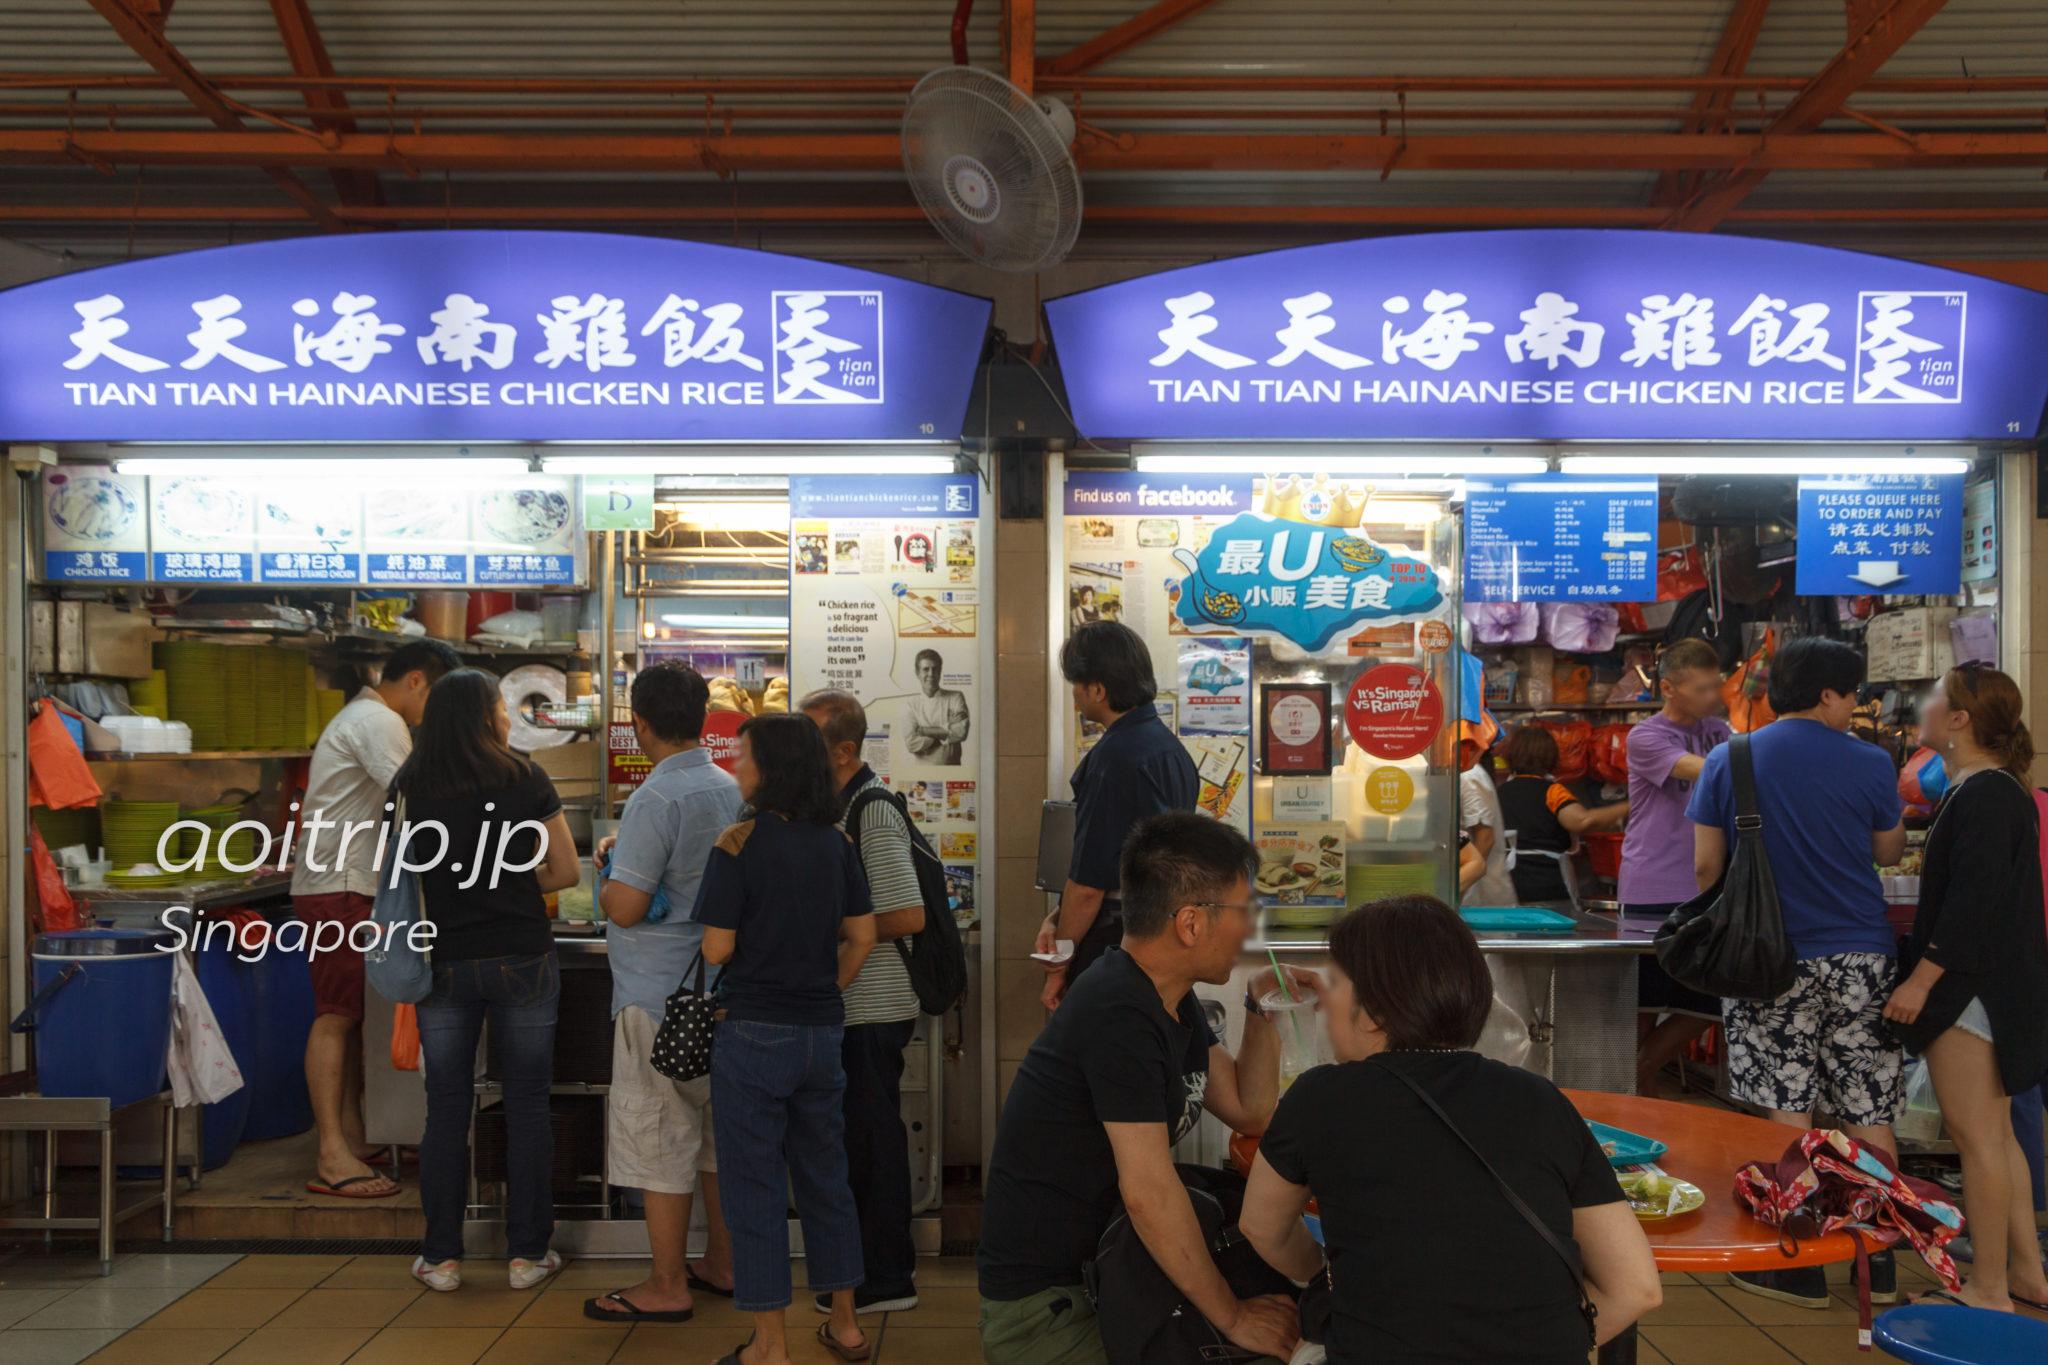 マックスウェルフードセンターの天天海南雞飯 Tian Tian Hainanese Chicken Rice